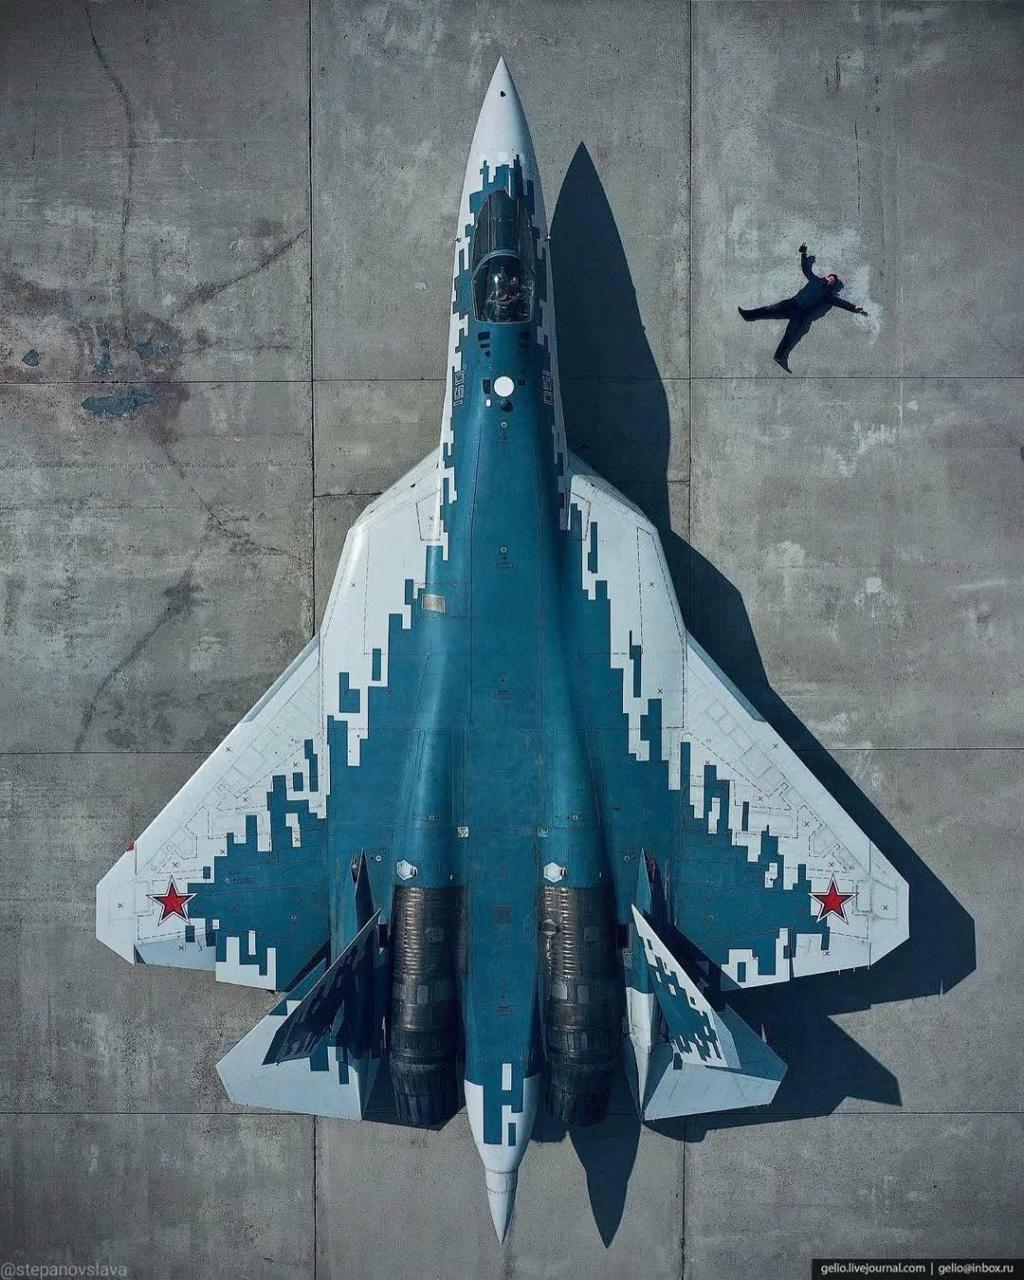 مقاتله Sukhoi T-50 PAK FA سيتغير اسمها الى Su-57  - صفحة 9 E08uq_10